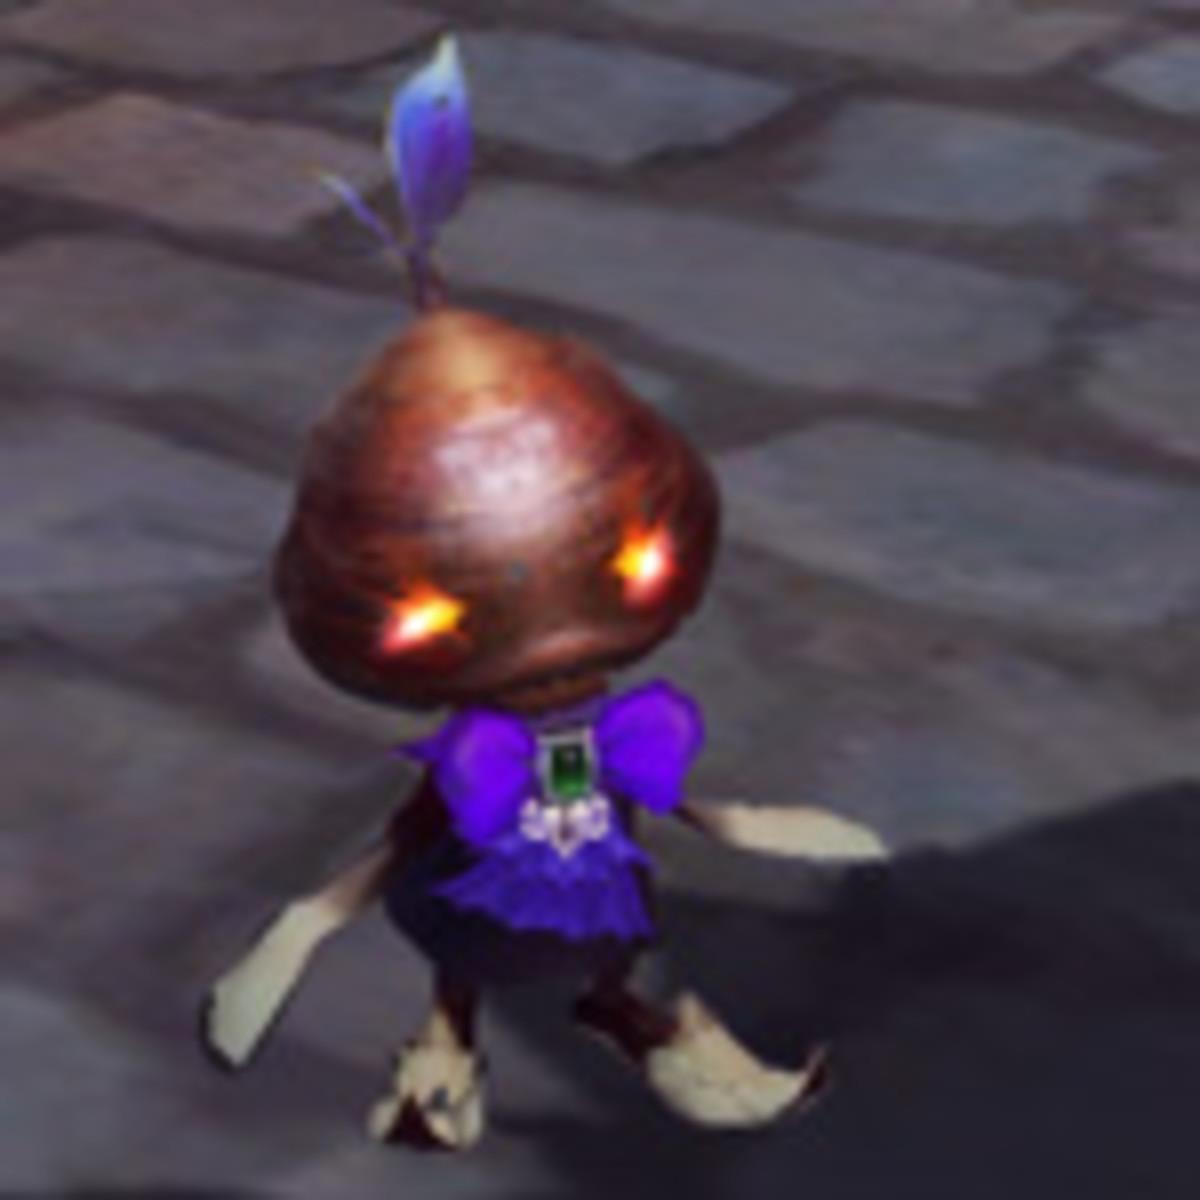 Ectofruit